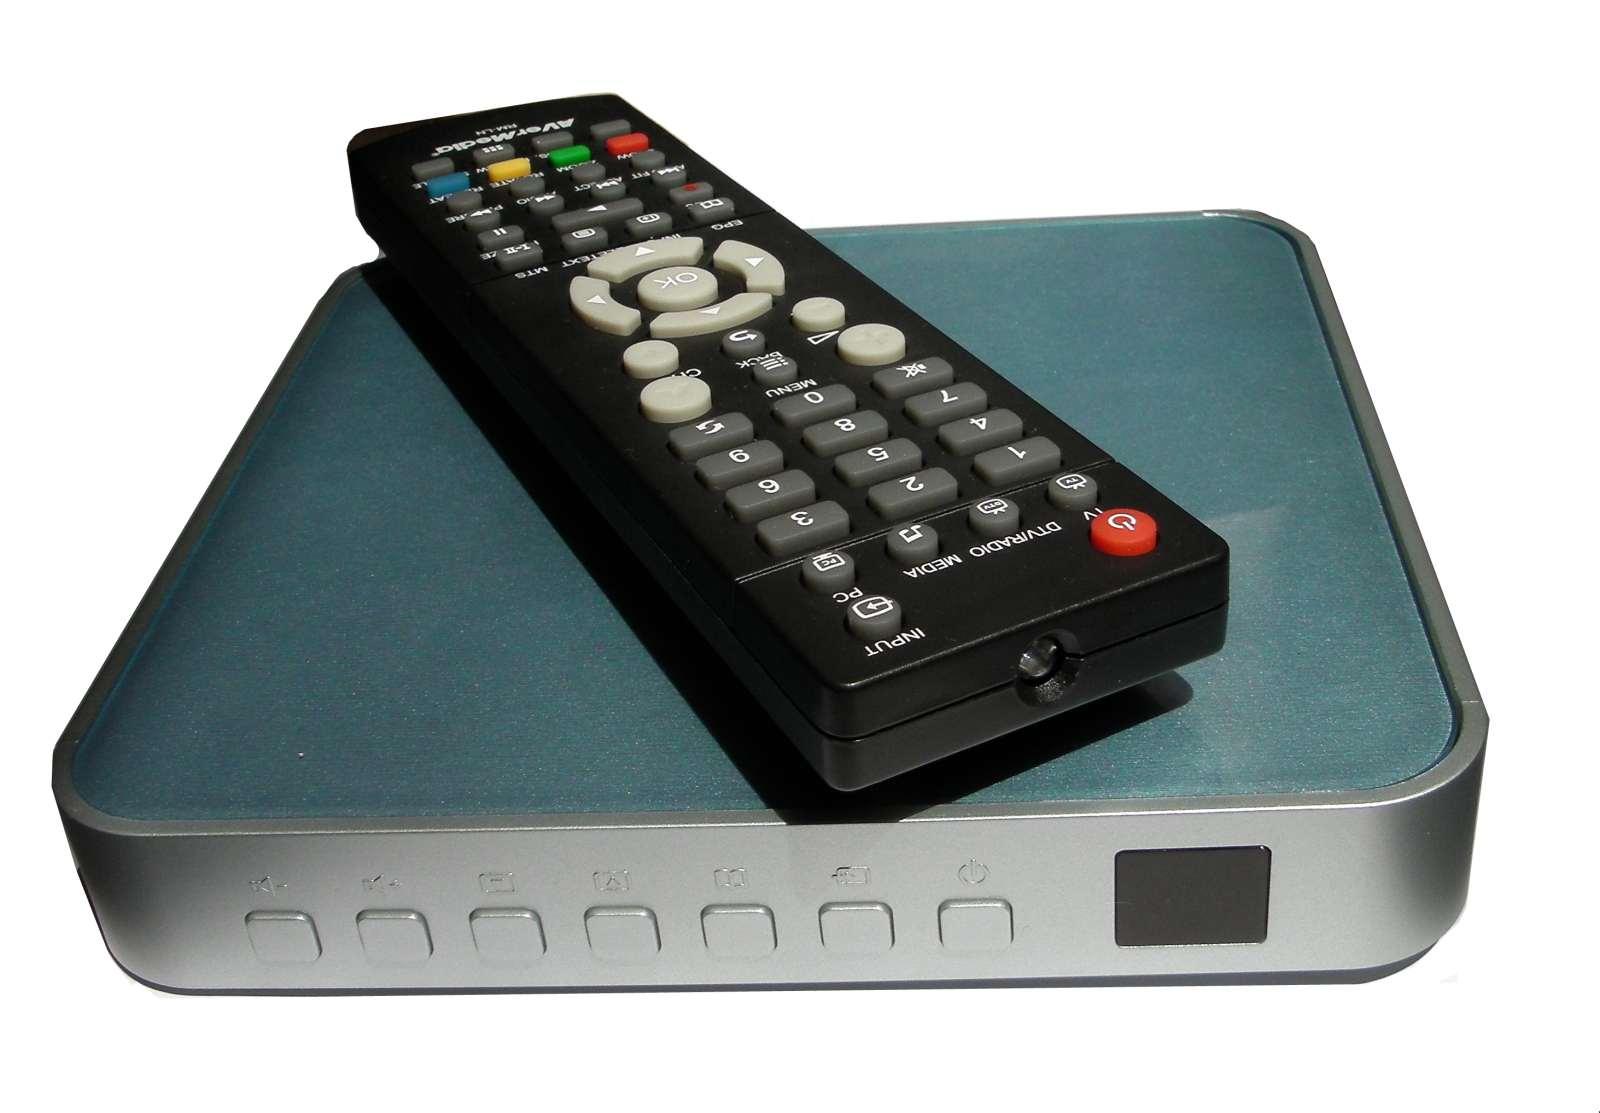 AVerMedia AVerTV MediaPort